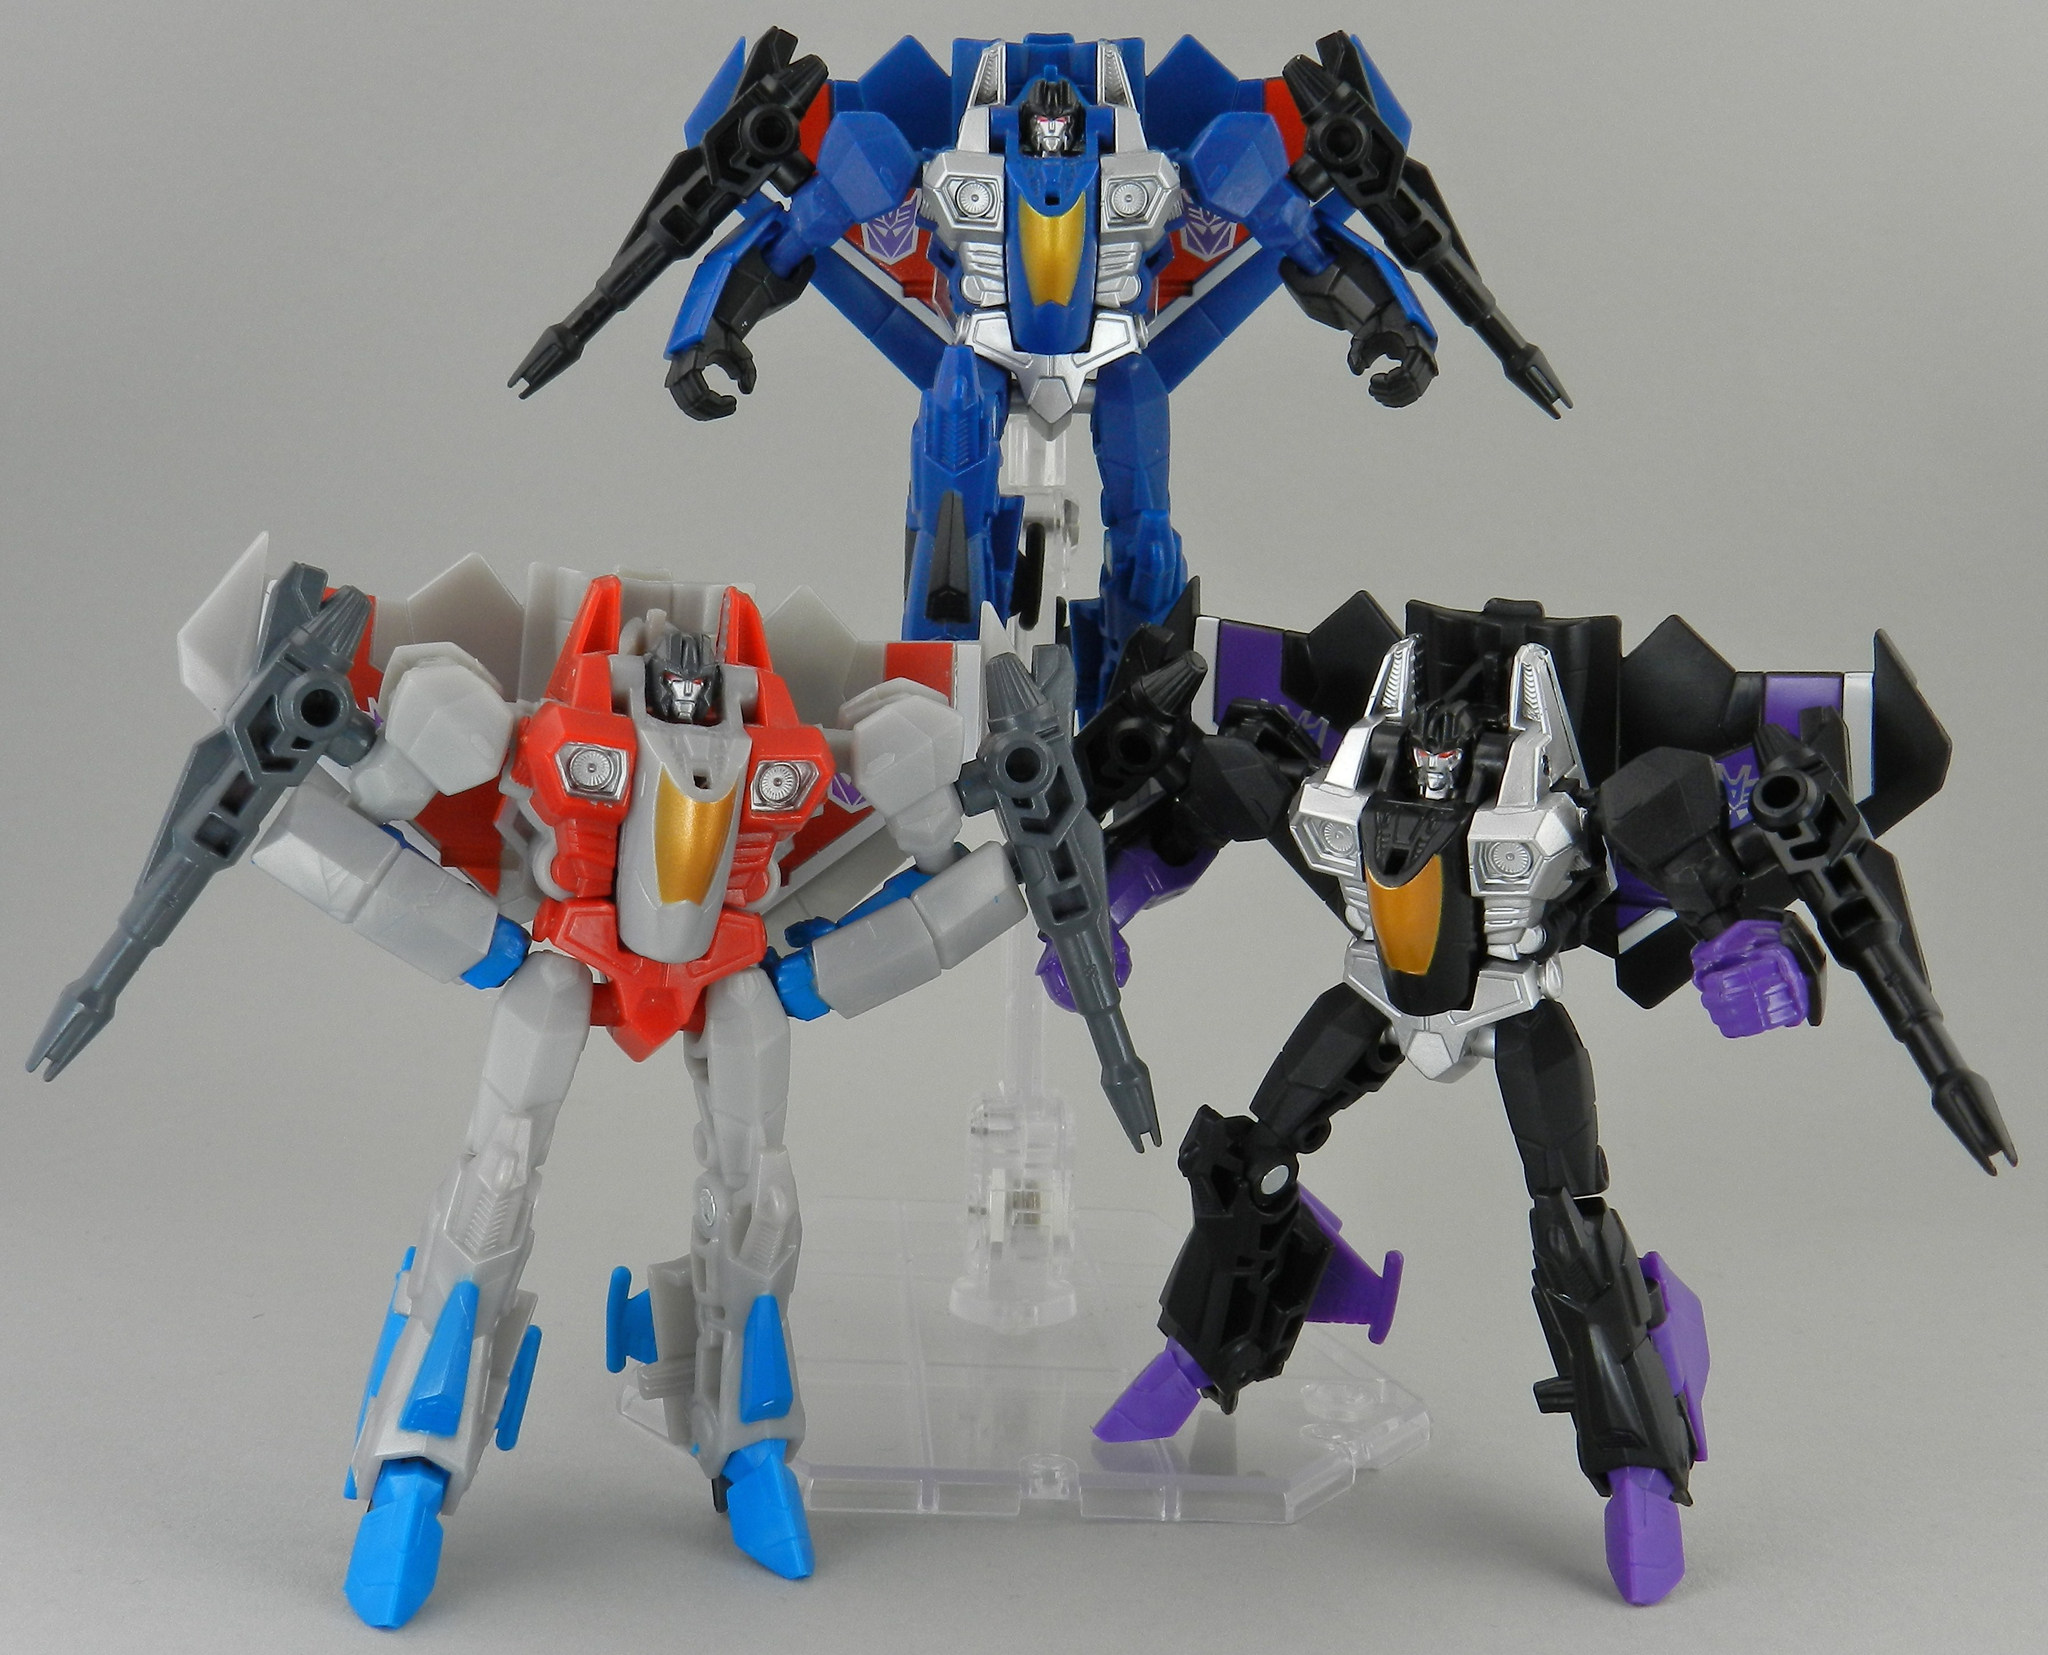 transformers wiki tfwikinet autos post